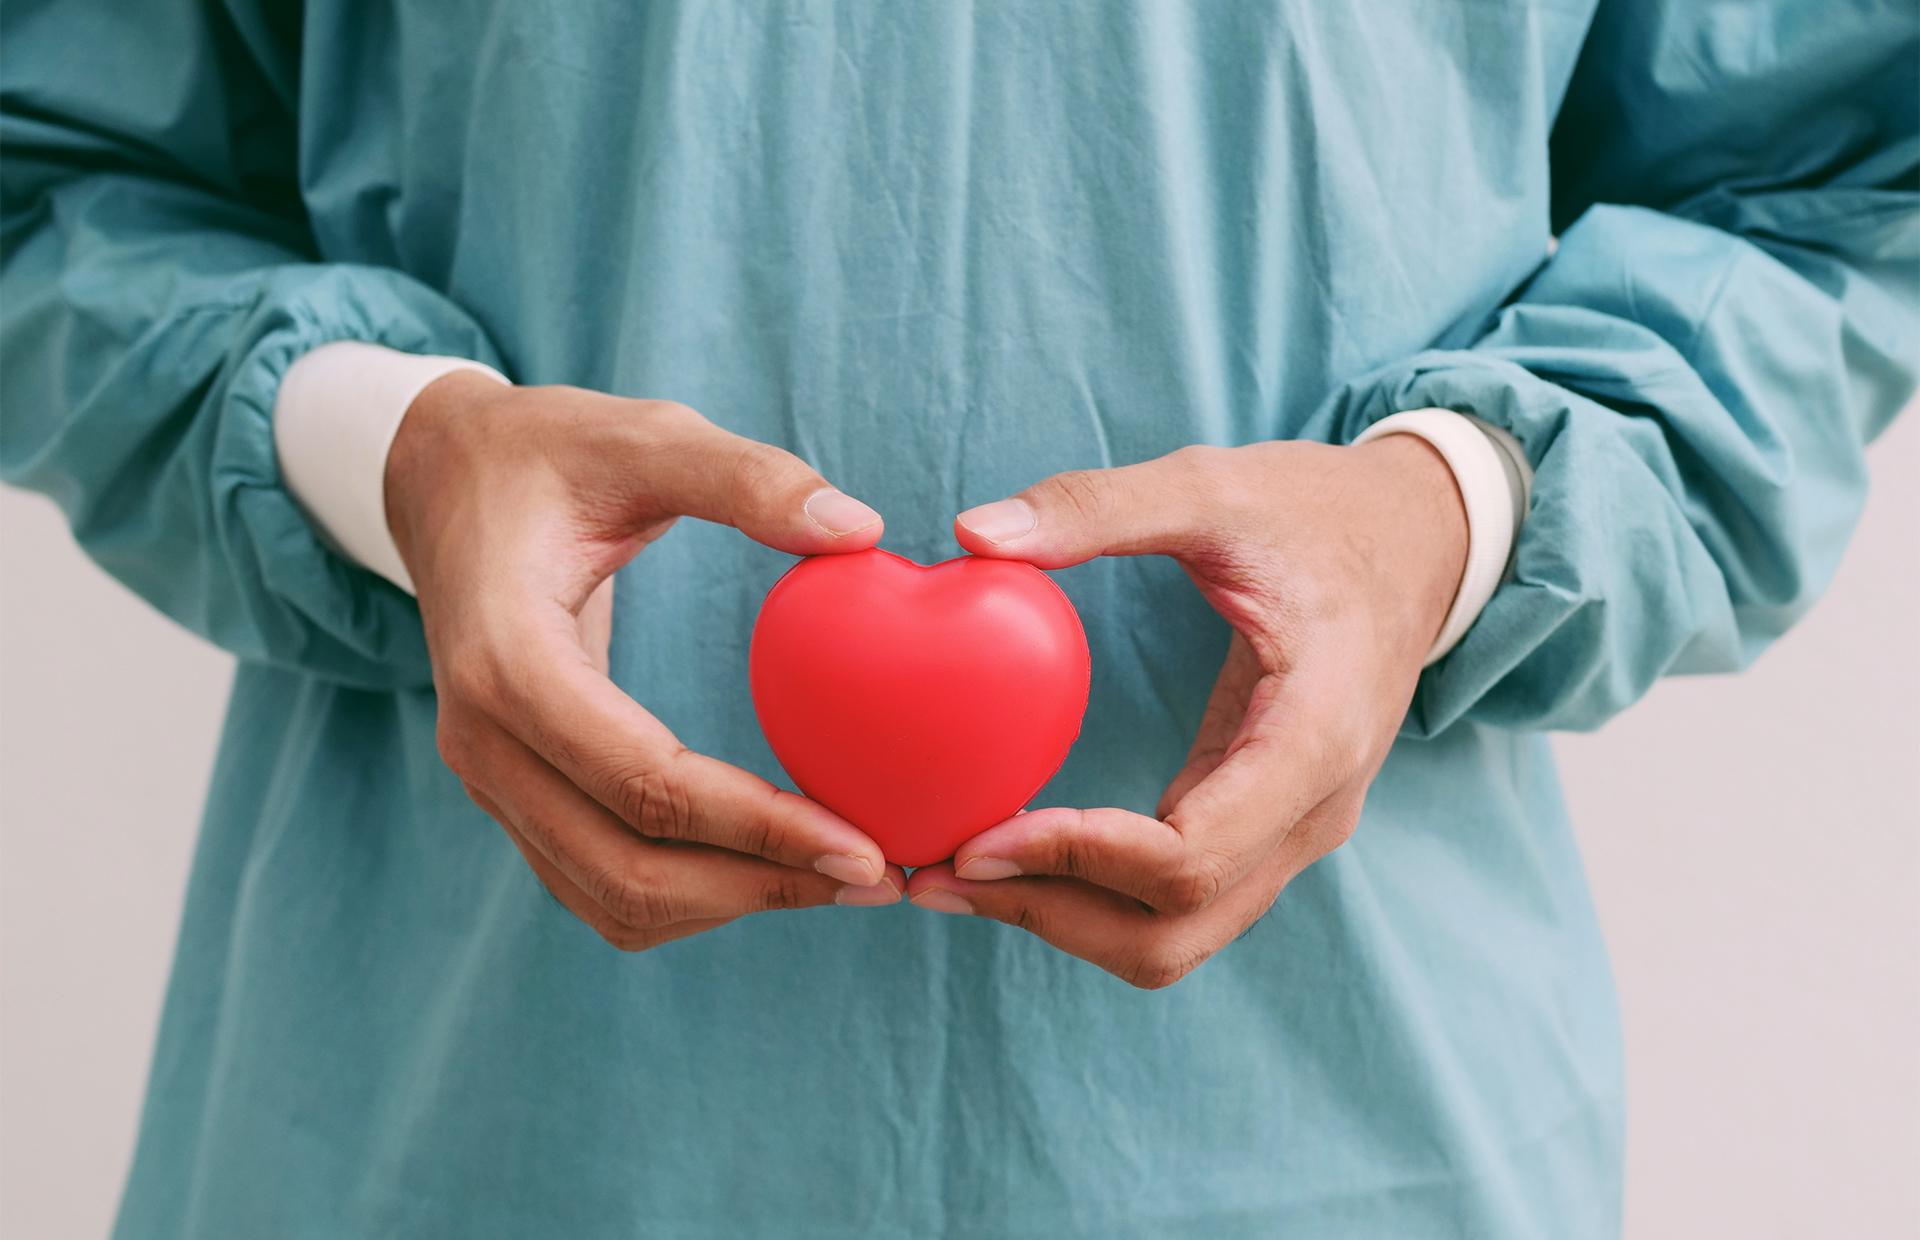 Игрушечное сердце в руках врача